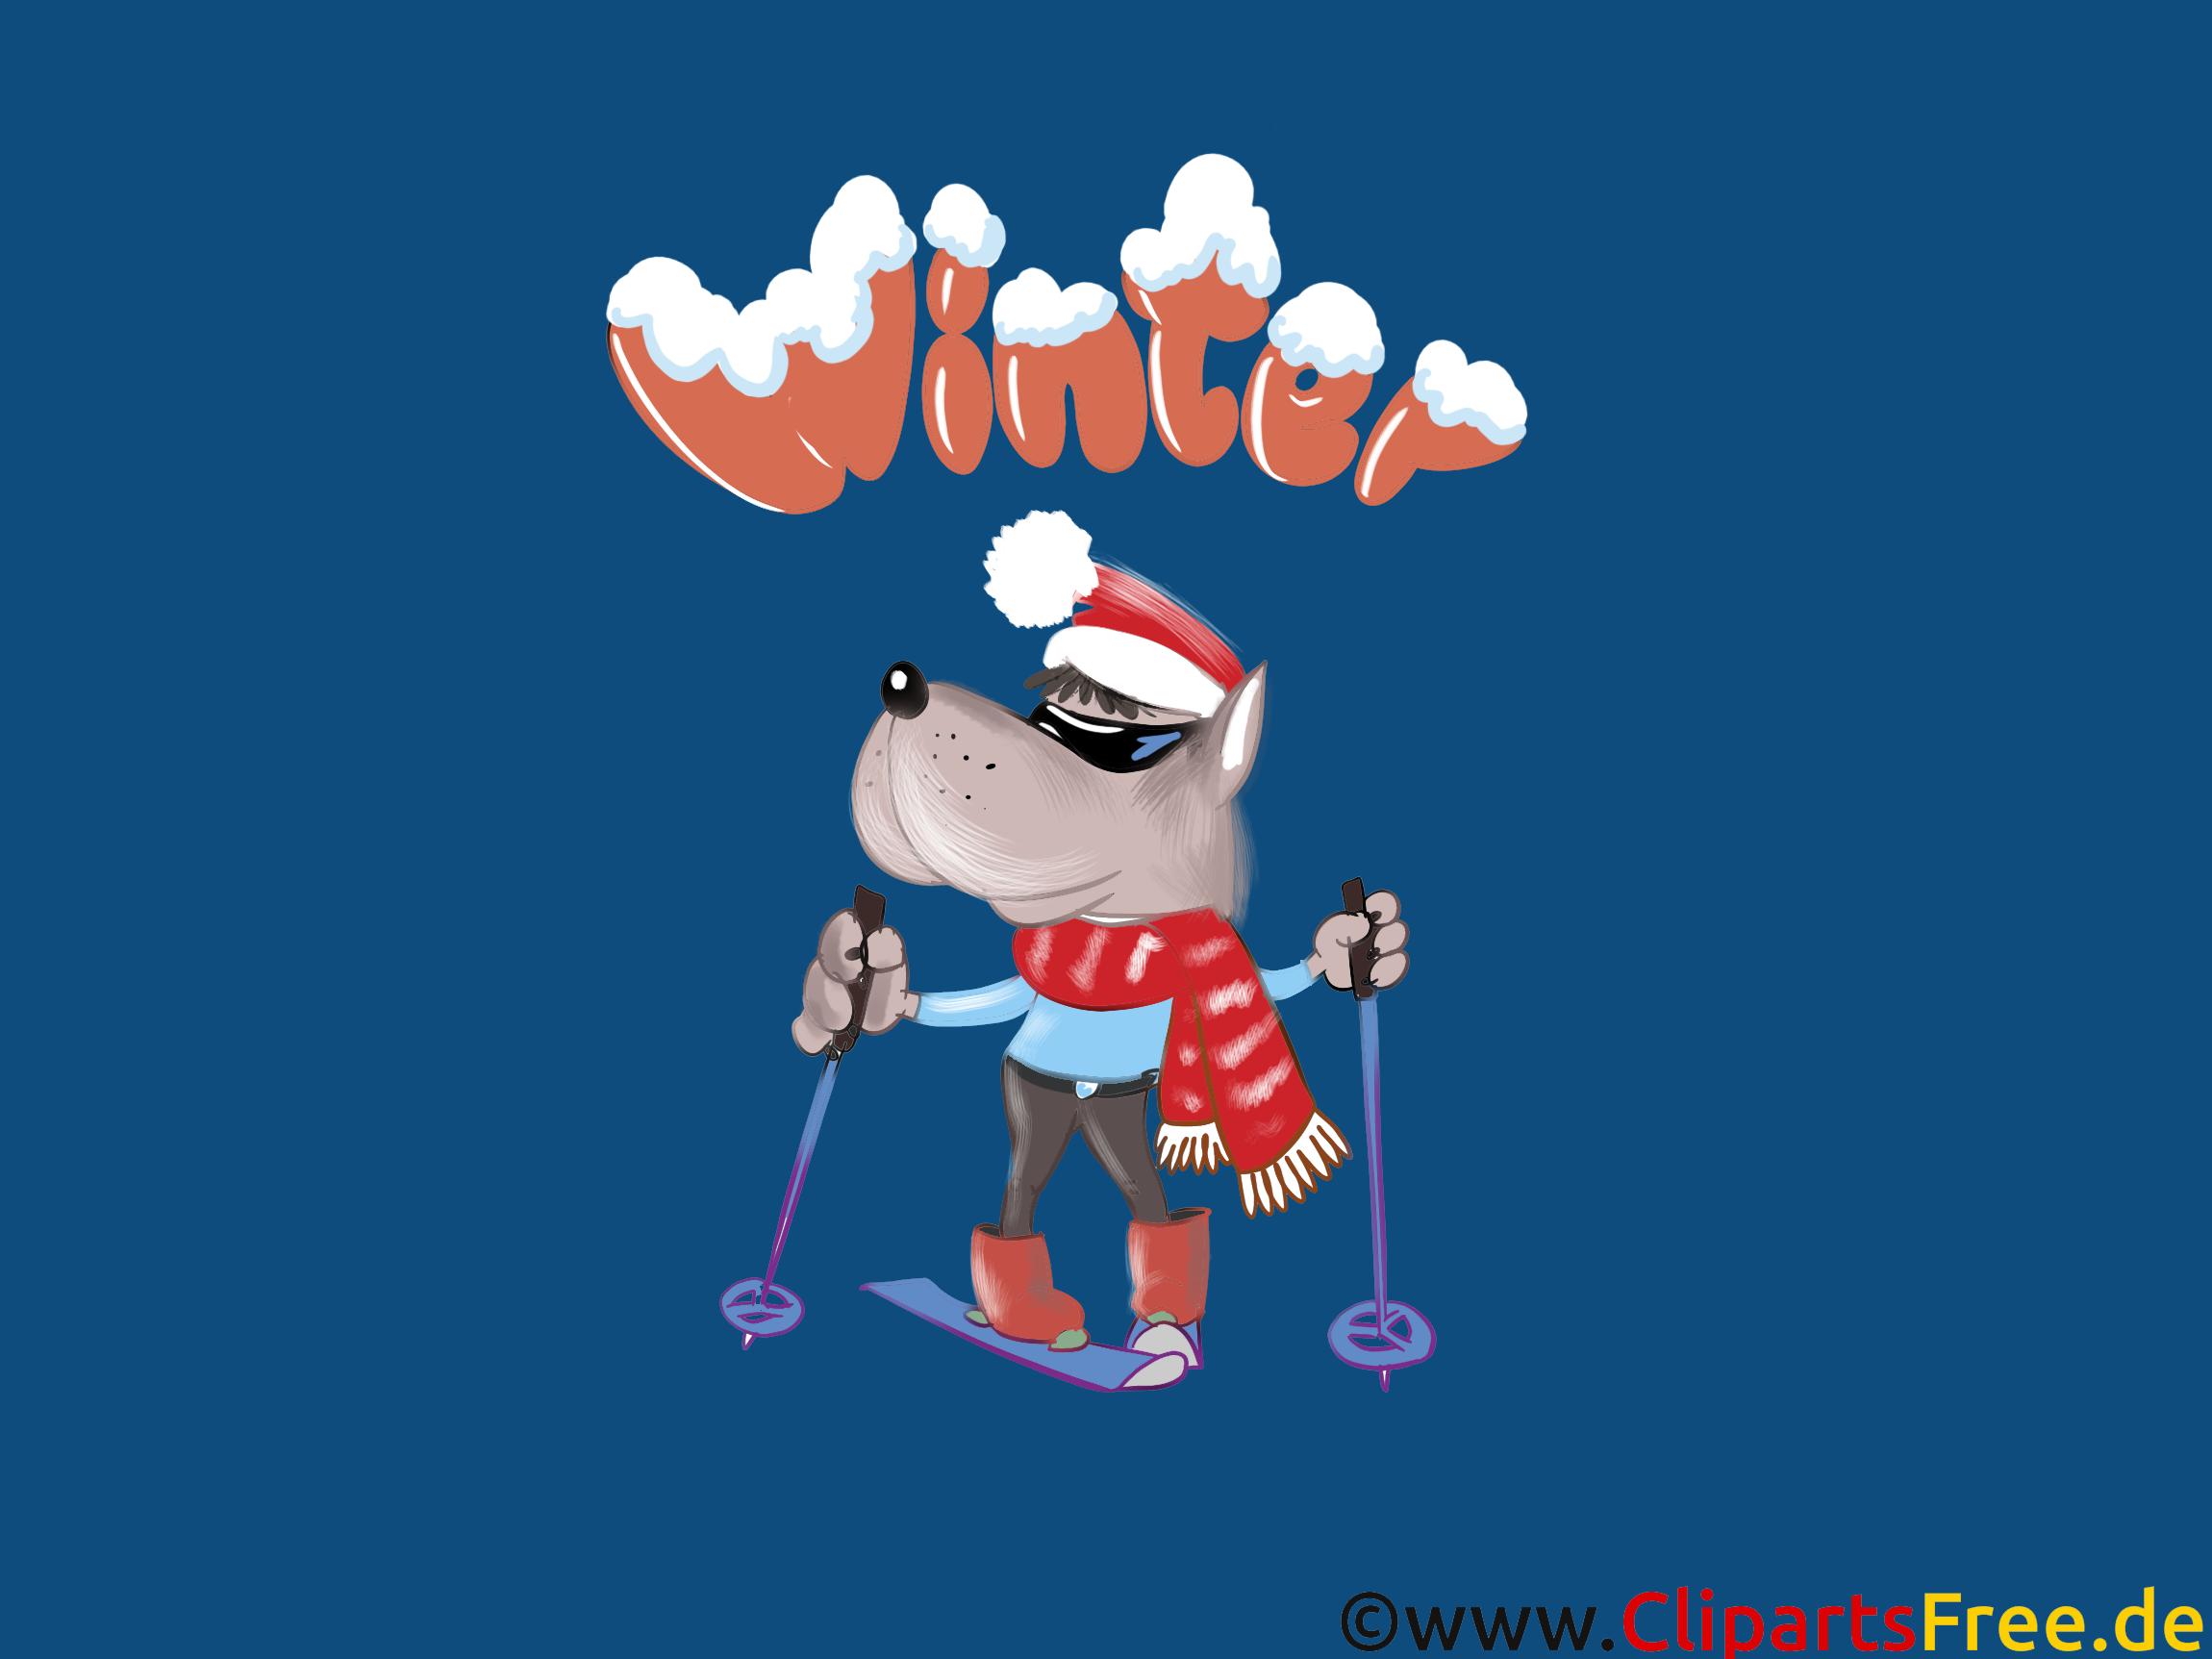 Hintergrundbild Weihnachten, Ski, Wolf, Cartoon